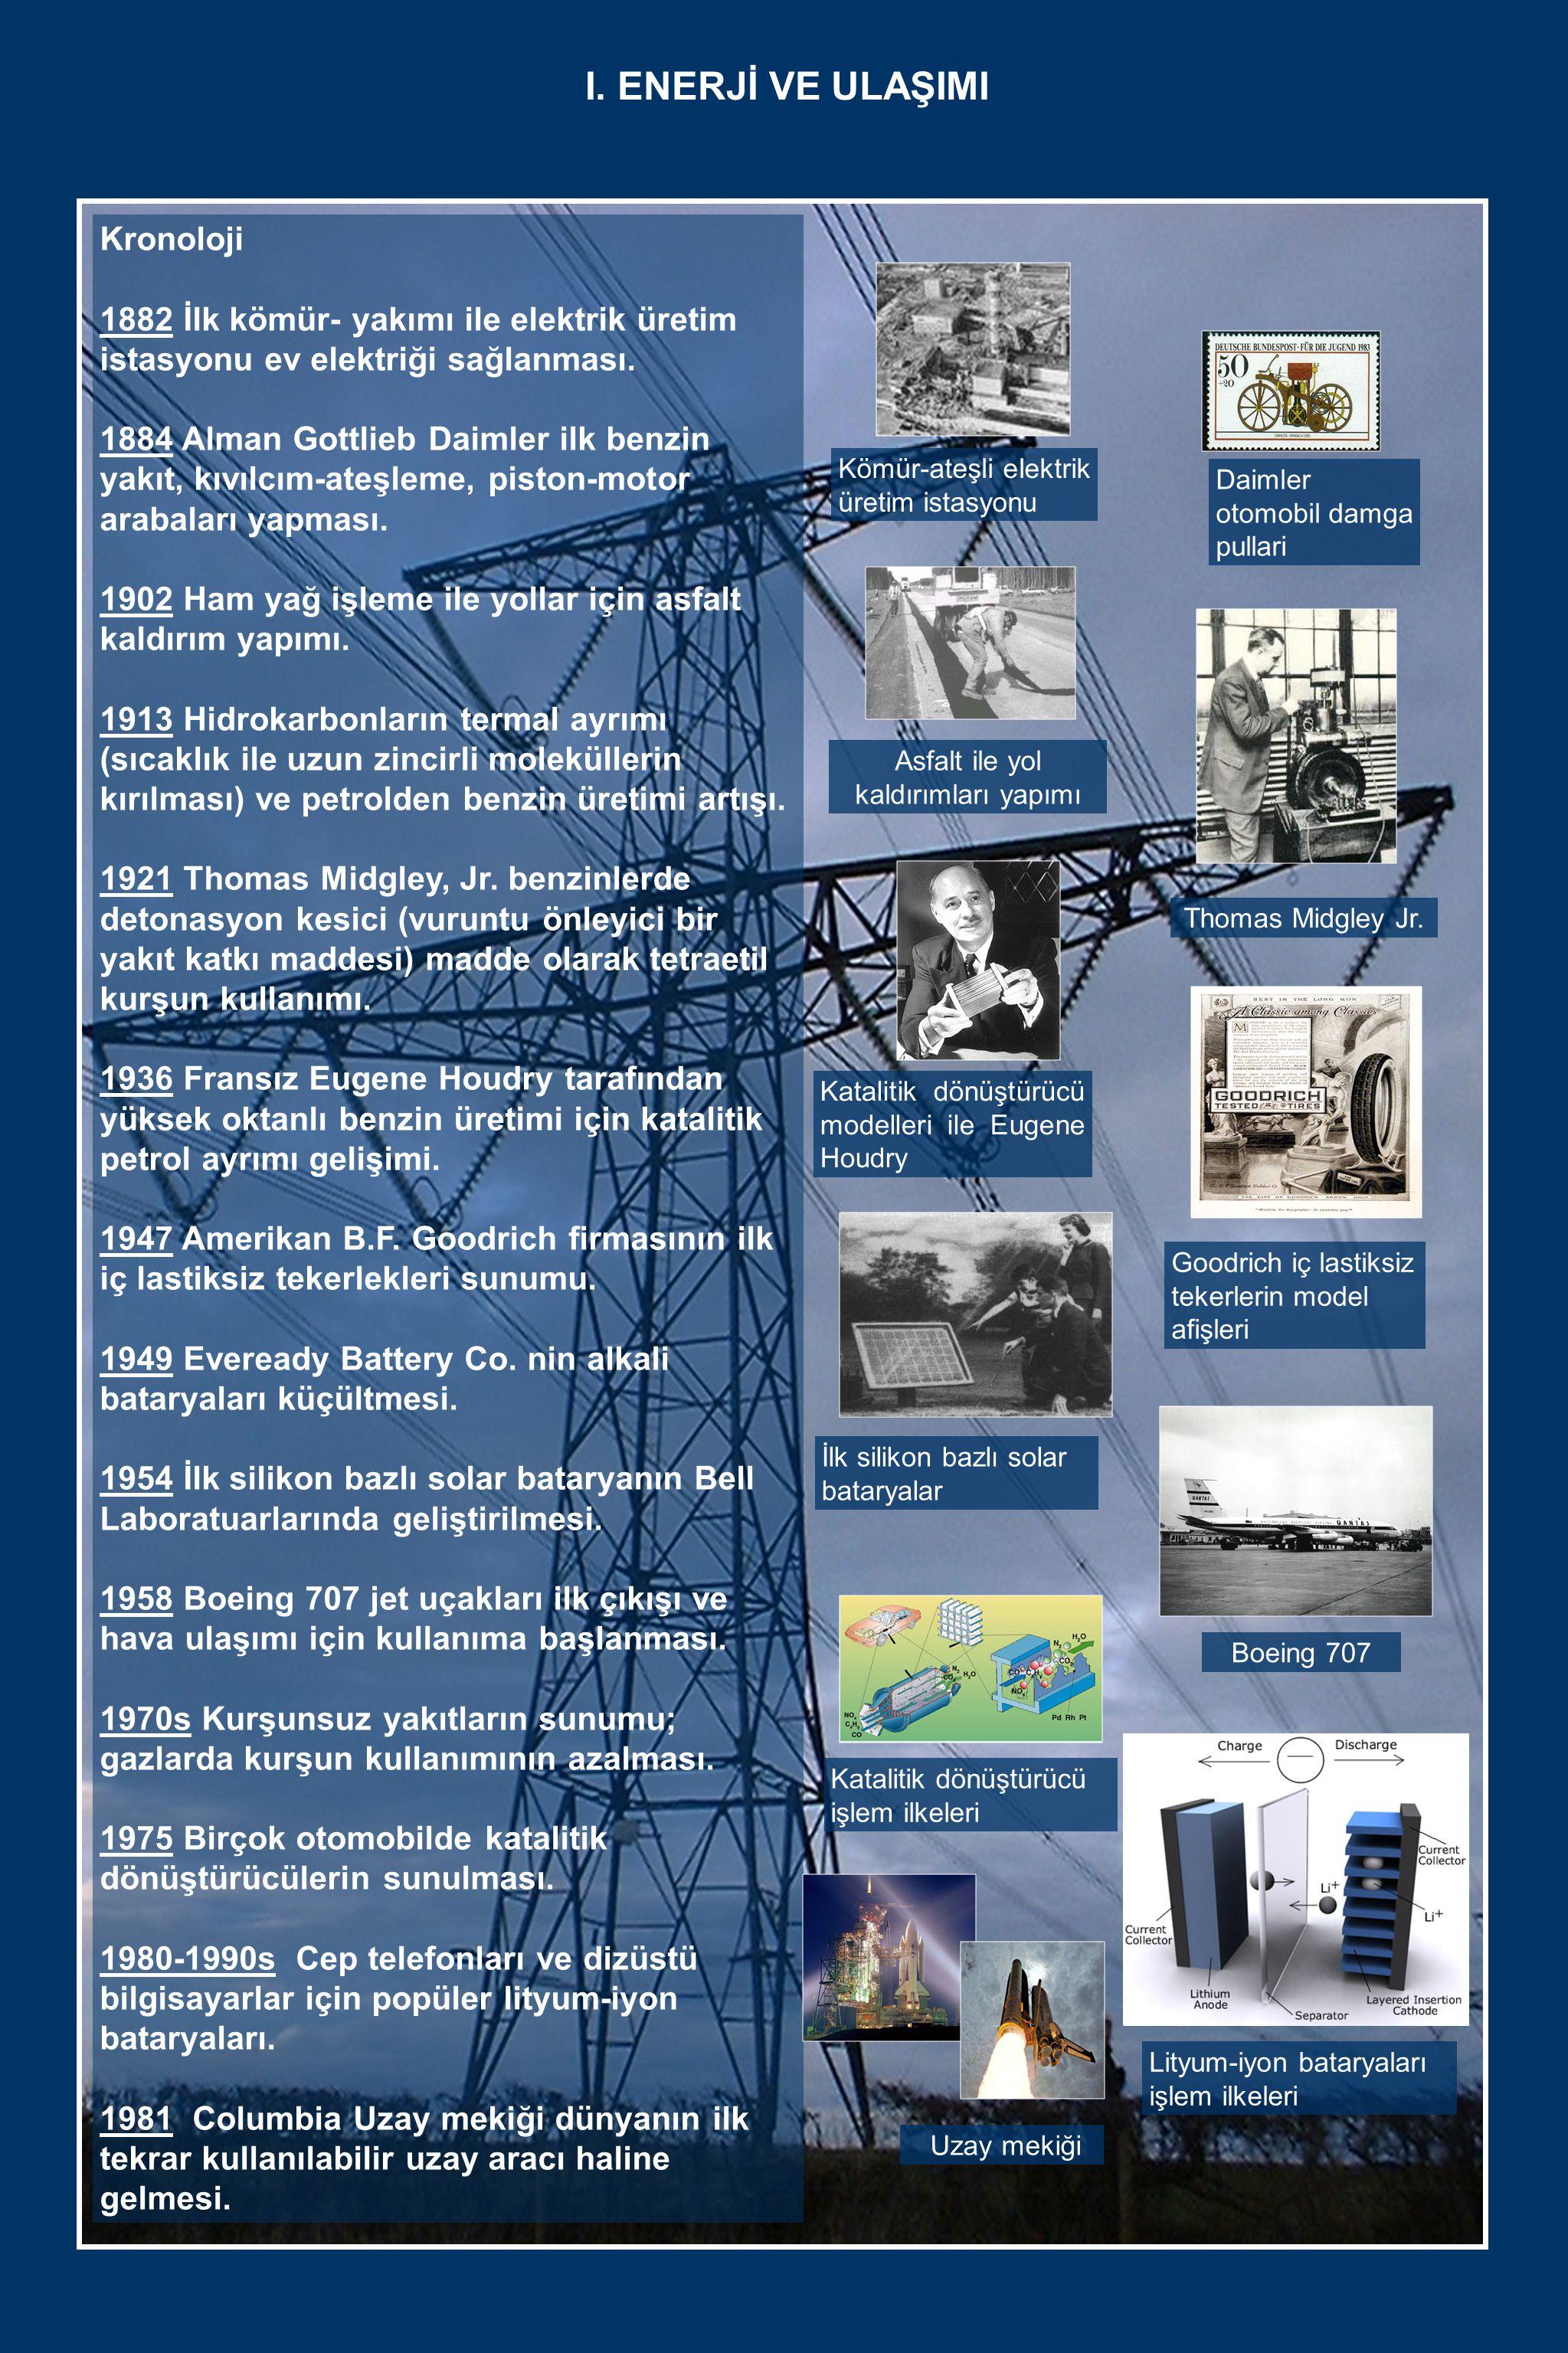 Kronoloji 1882 İlk kömür- yakımı ile elektrik üretim istasyonu ev elektriği sağlanması.